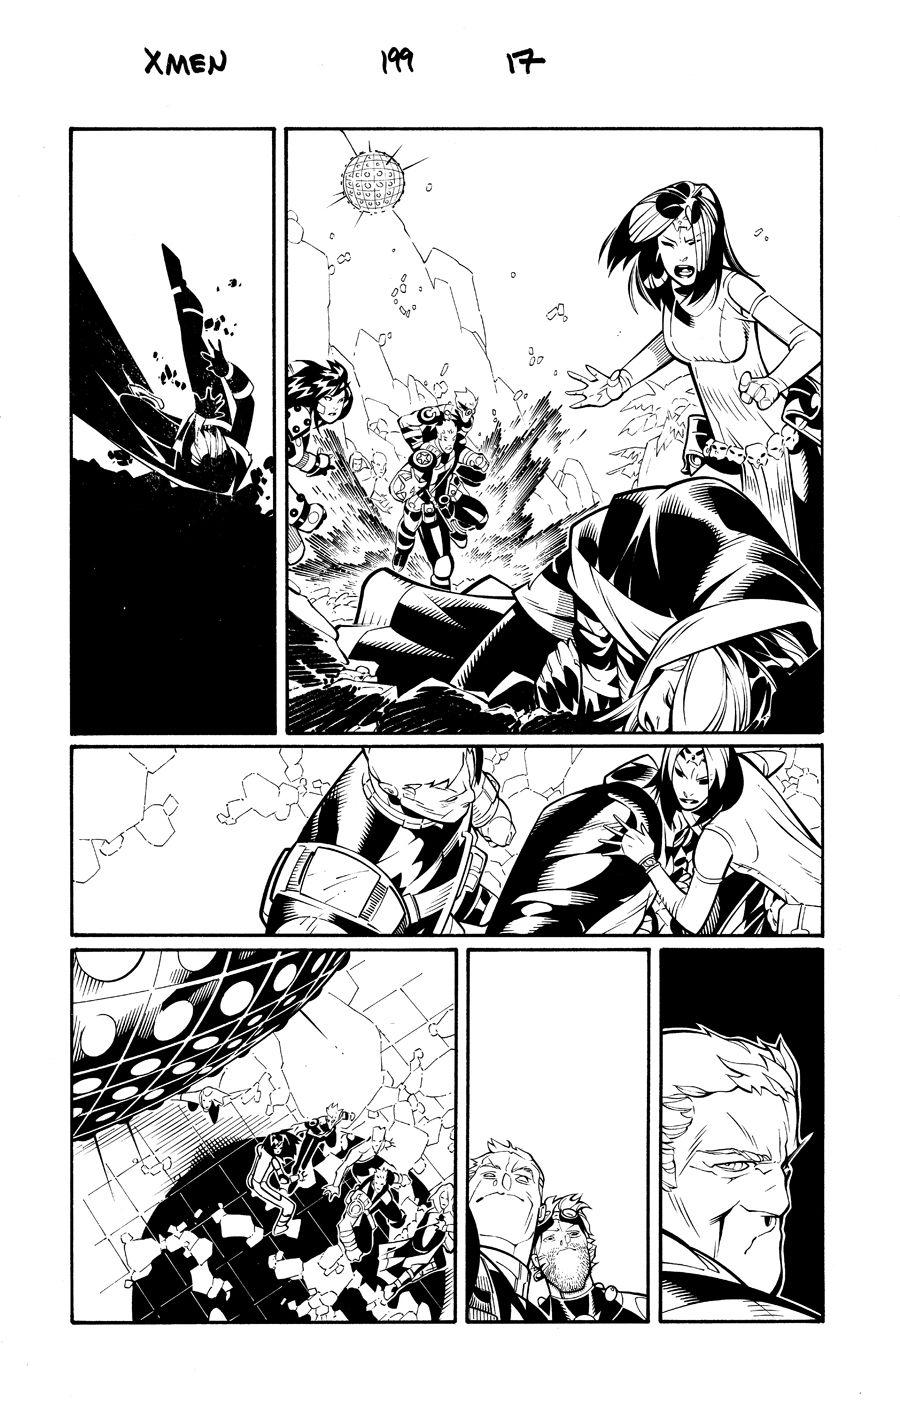 X Men 199 pg 17 by TimTownsend on DeviantArt